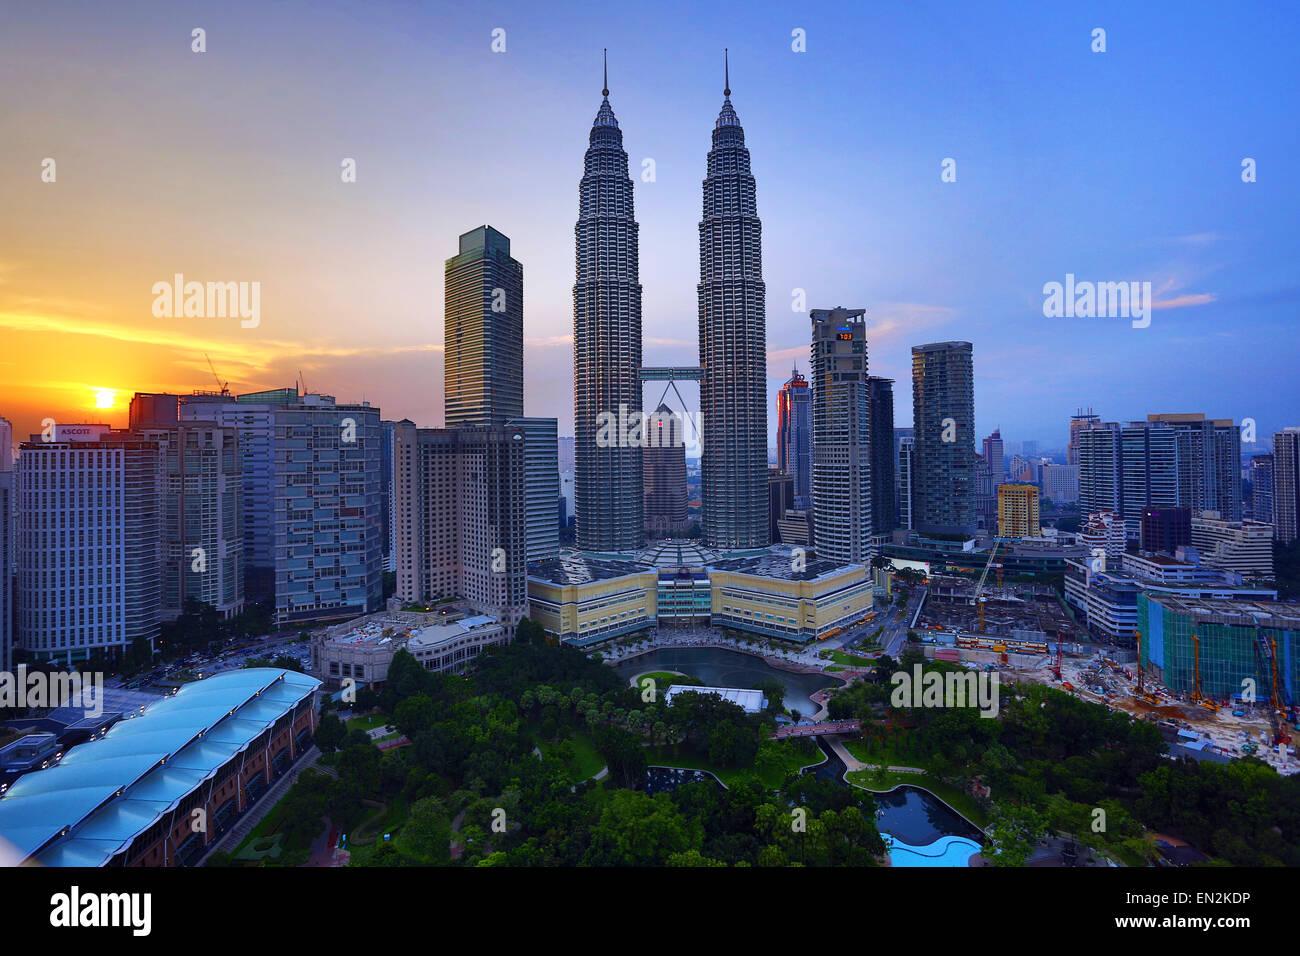 Les Tours Petronas gratte-ciel au coucher du soleil, KLCC, Kuala Lumpur, Malaisie Photo Stock